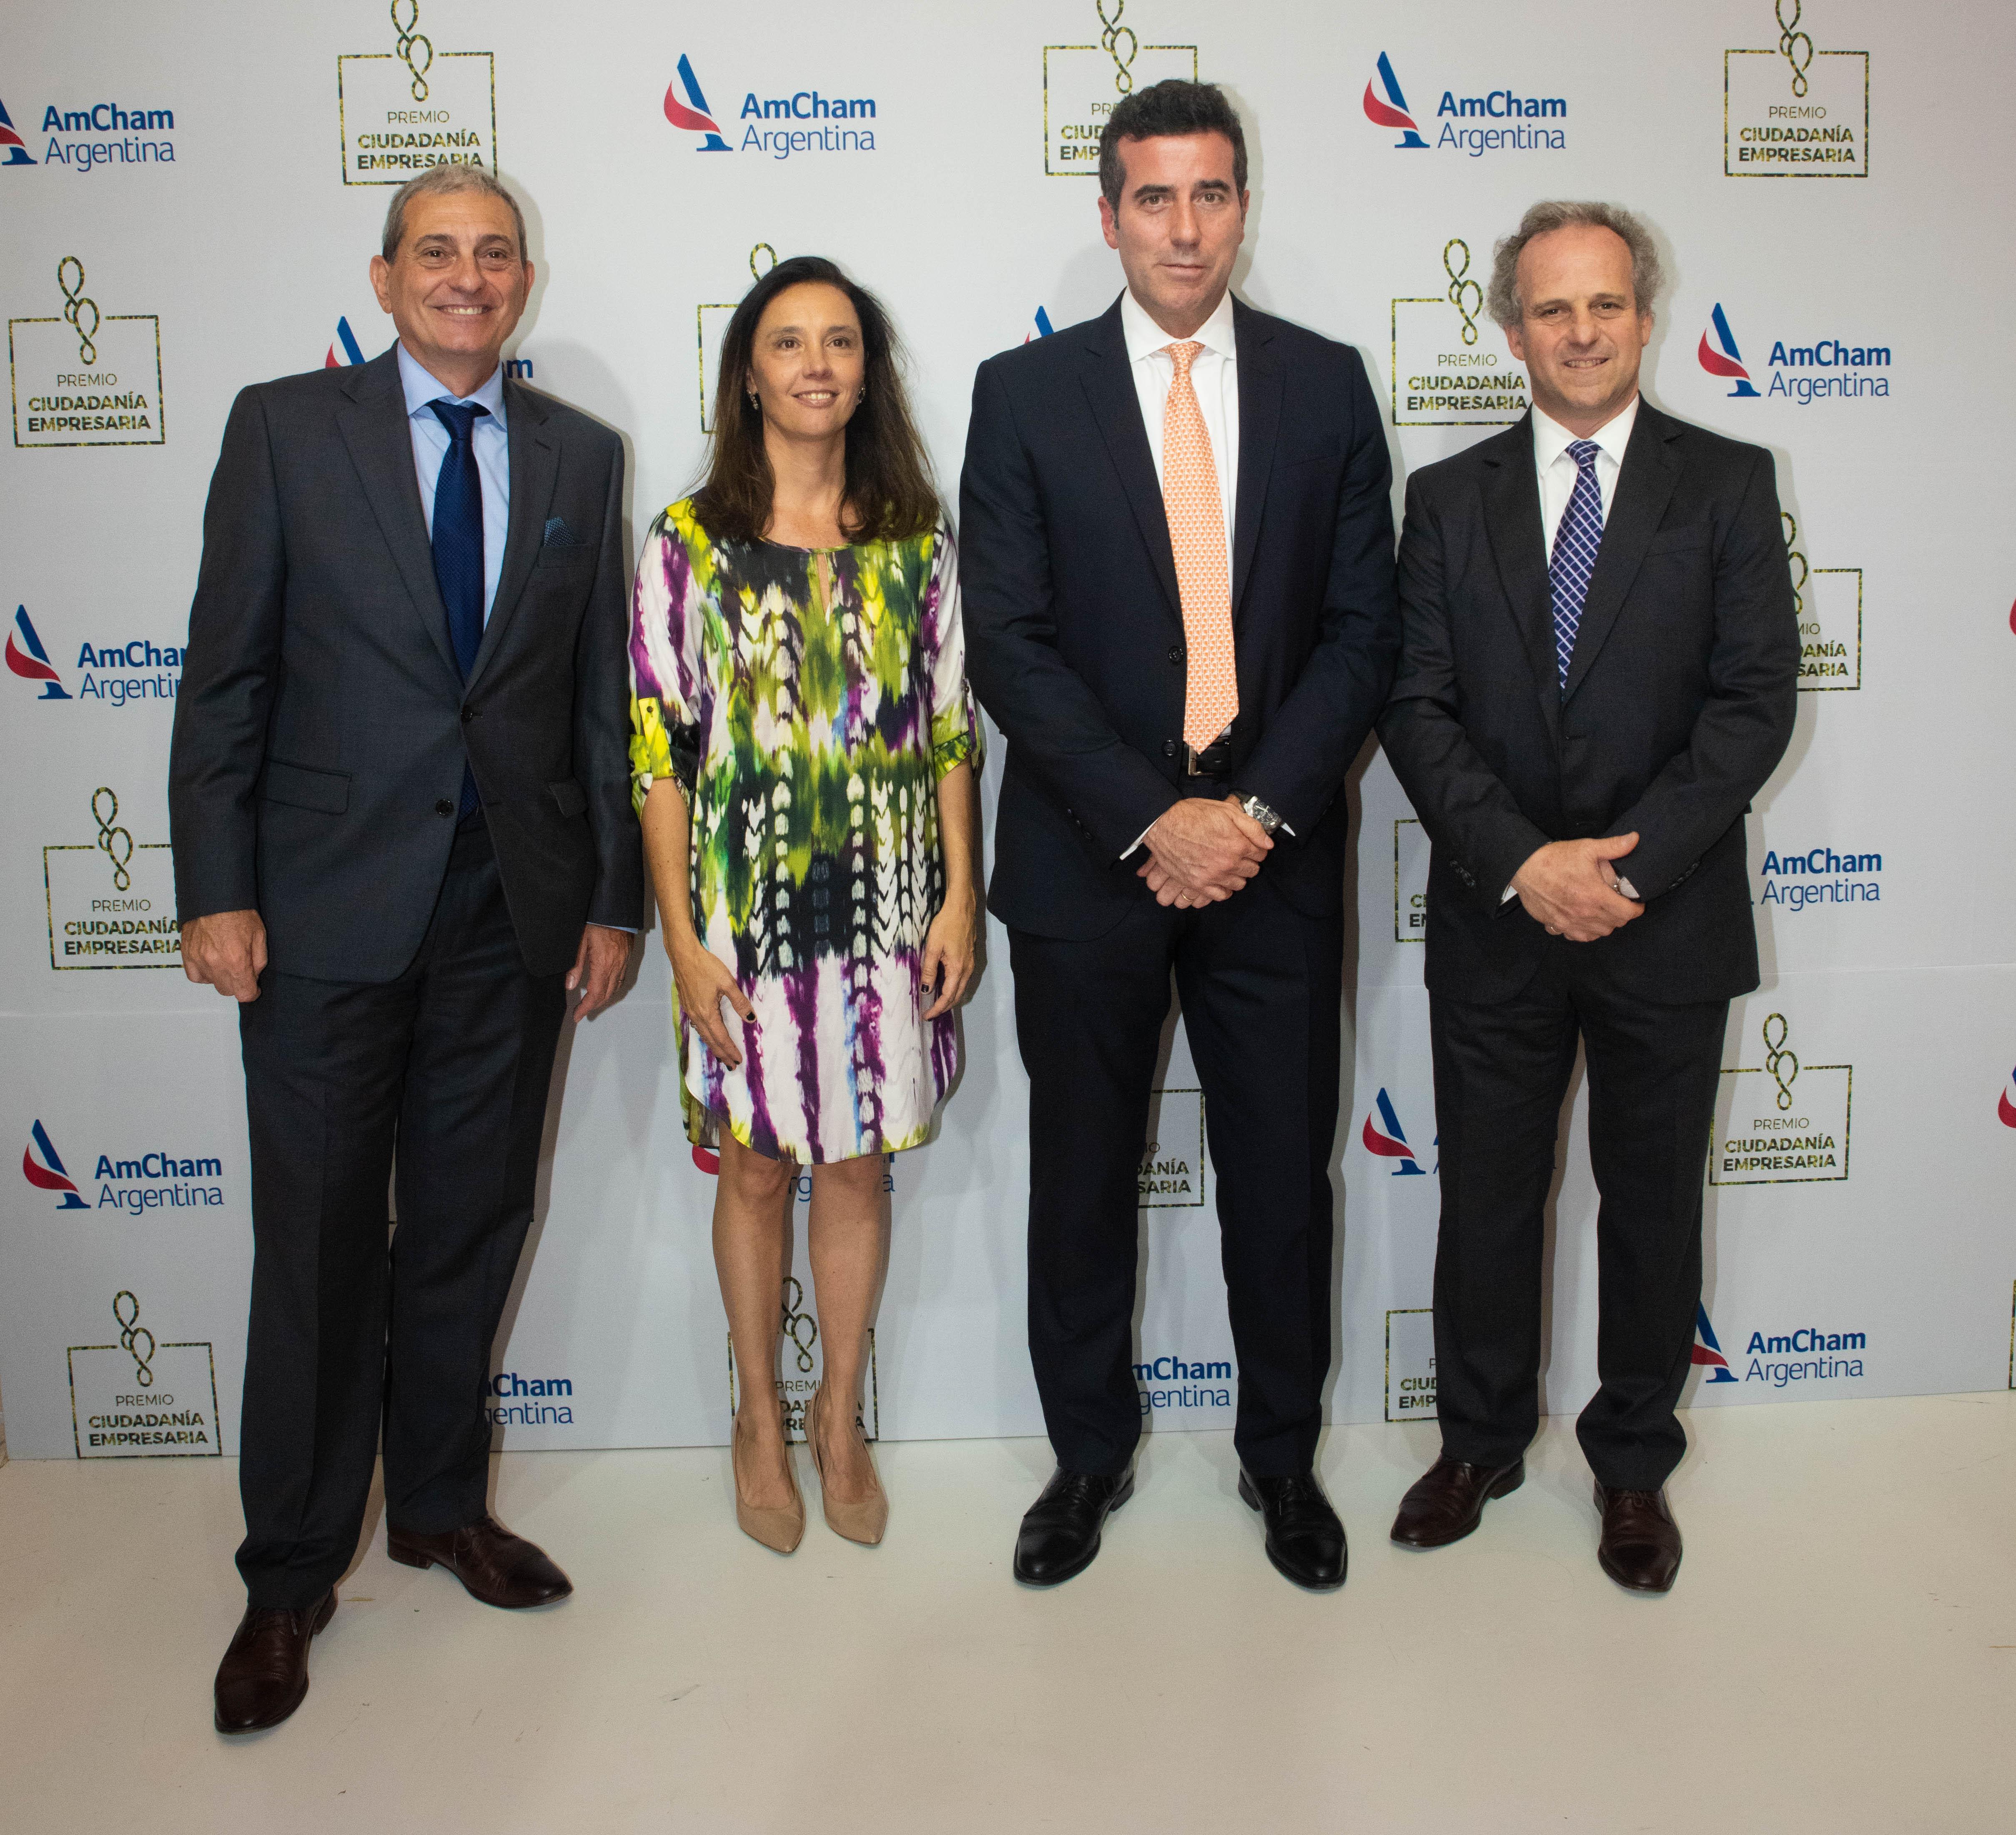 Roberto Alexander y Alejandro Díaz junto a Carlos Bargiela, gerente general de Metlife Argentina, y Florencia Salvi